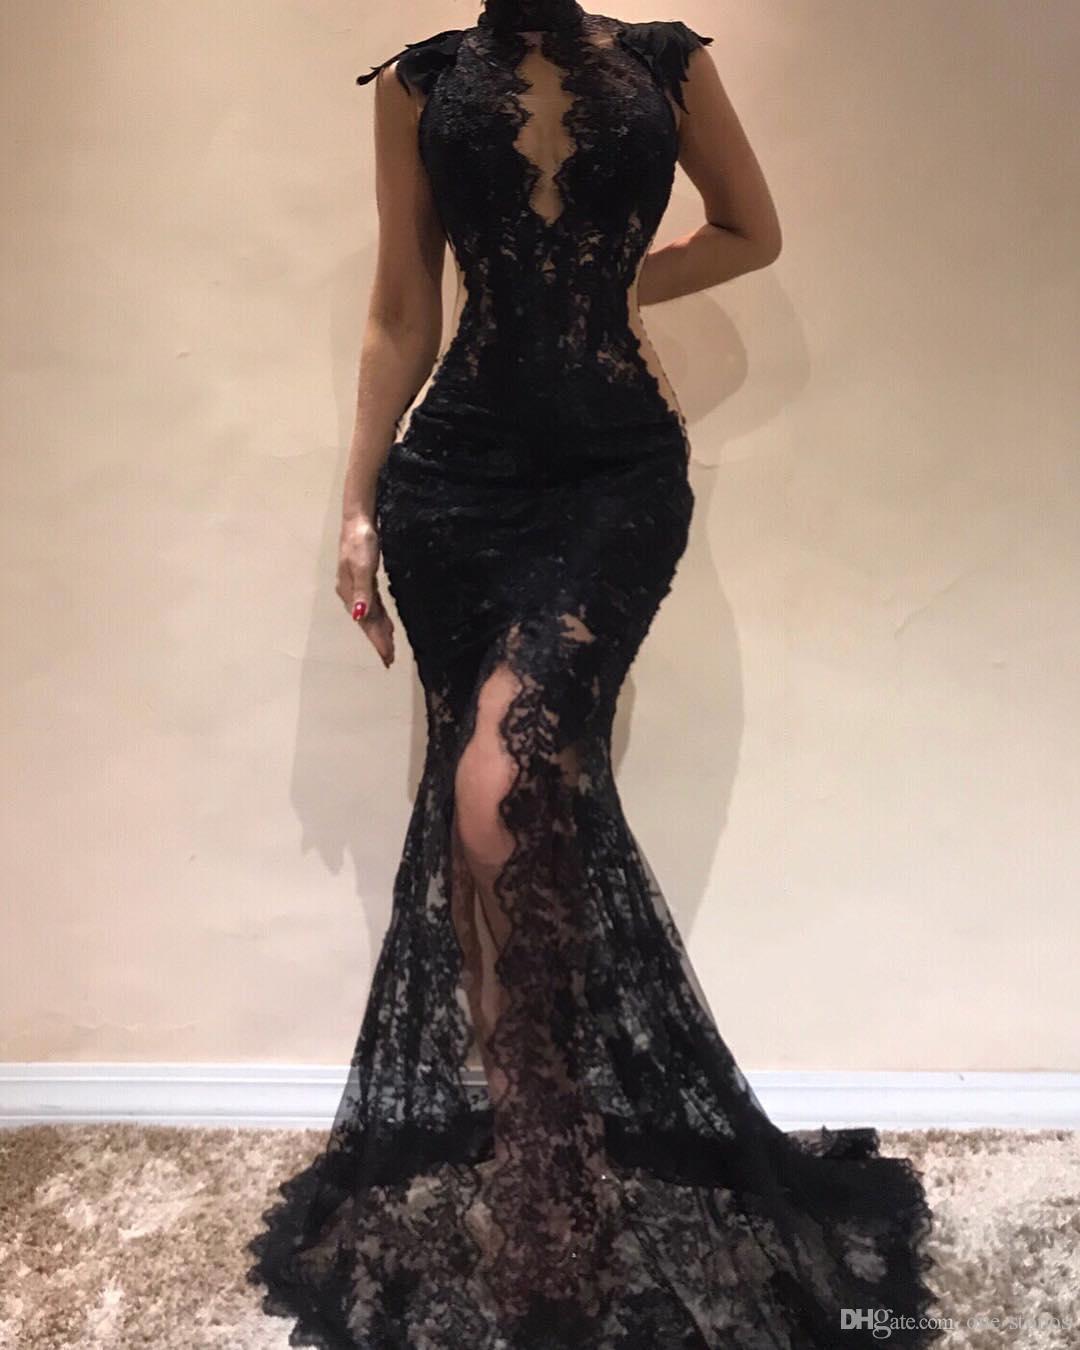 großhandel schwarzes volle spitze abendkleid hohe schlitz sexy abendkleid  perlen sheer lace party sexy mermiad kleider von one stopos, 60,01 € auf